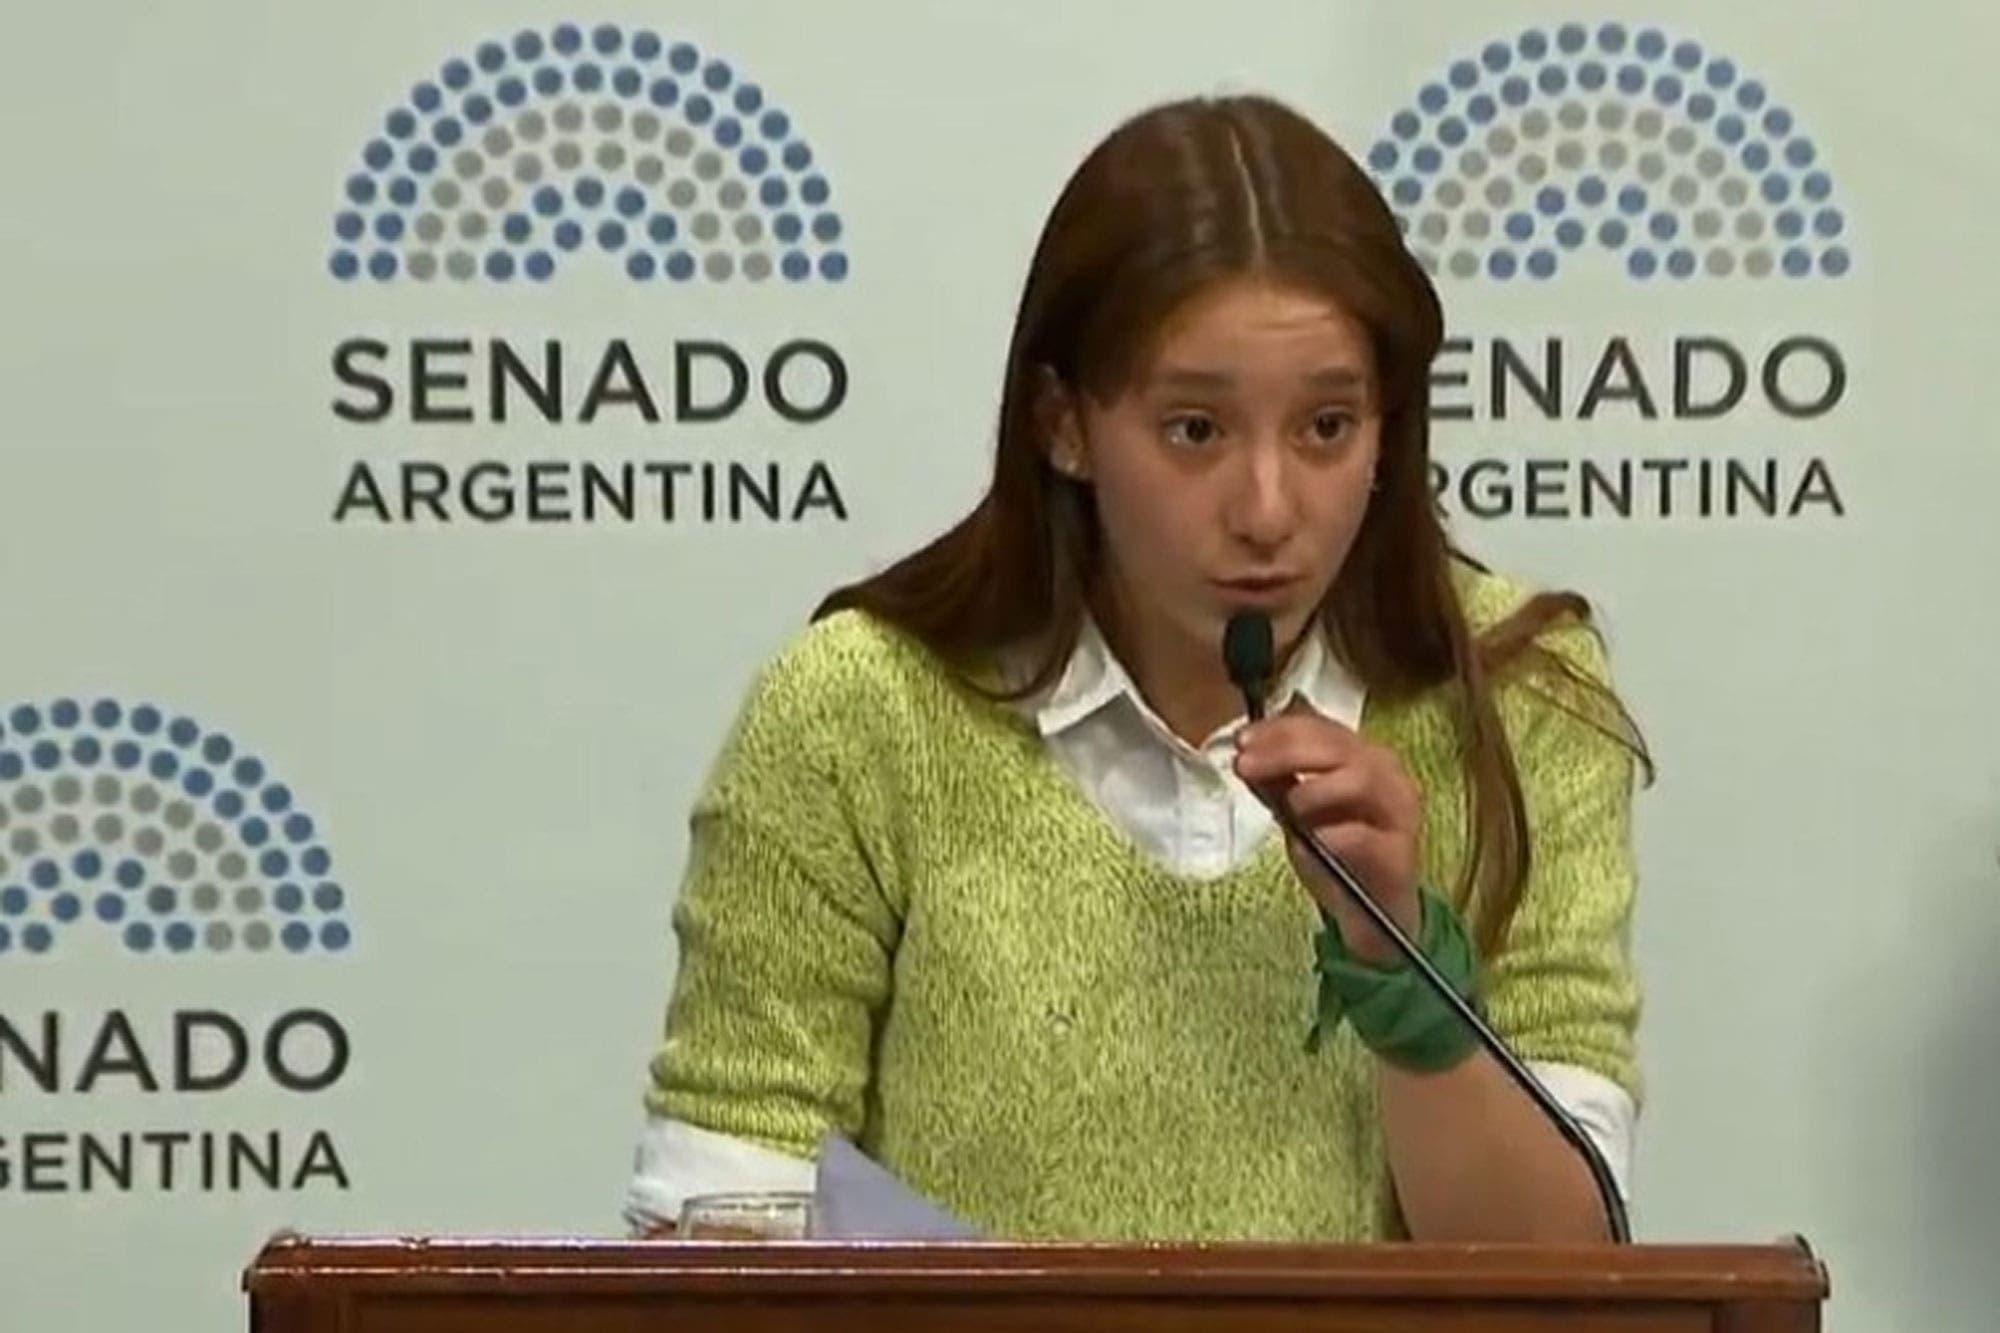 """El discurso de una chica salteña de 16 años en el Senado: """"Quiero denunciar a los que fuerzan a las niñas y mujeres a gestar y maternar"""""""